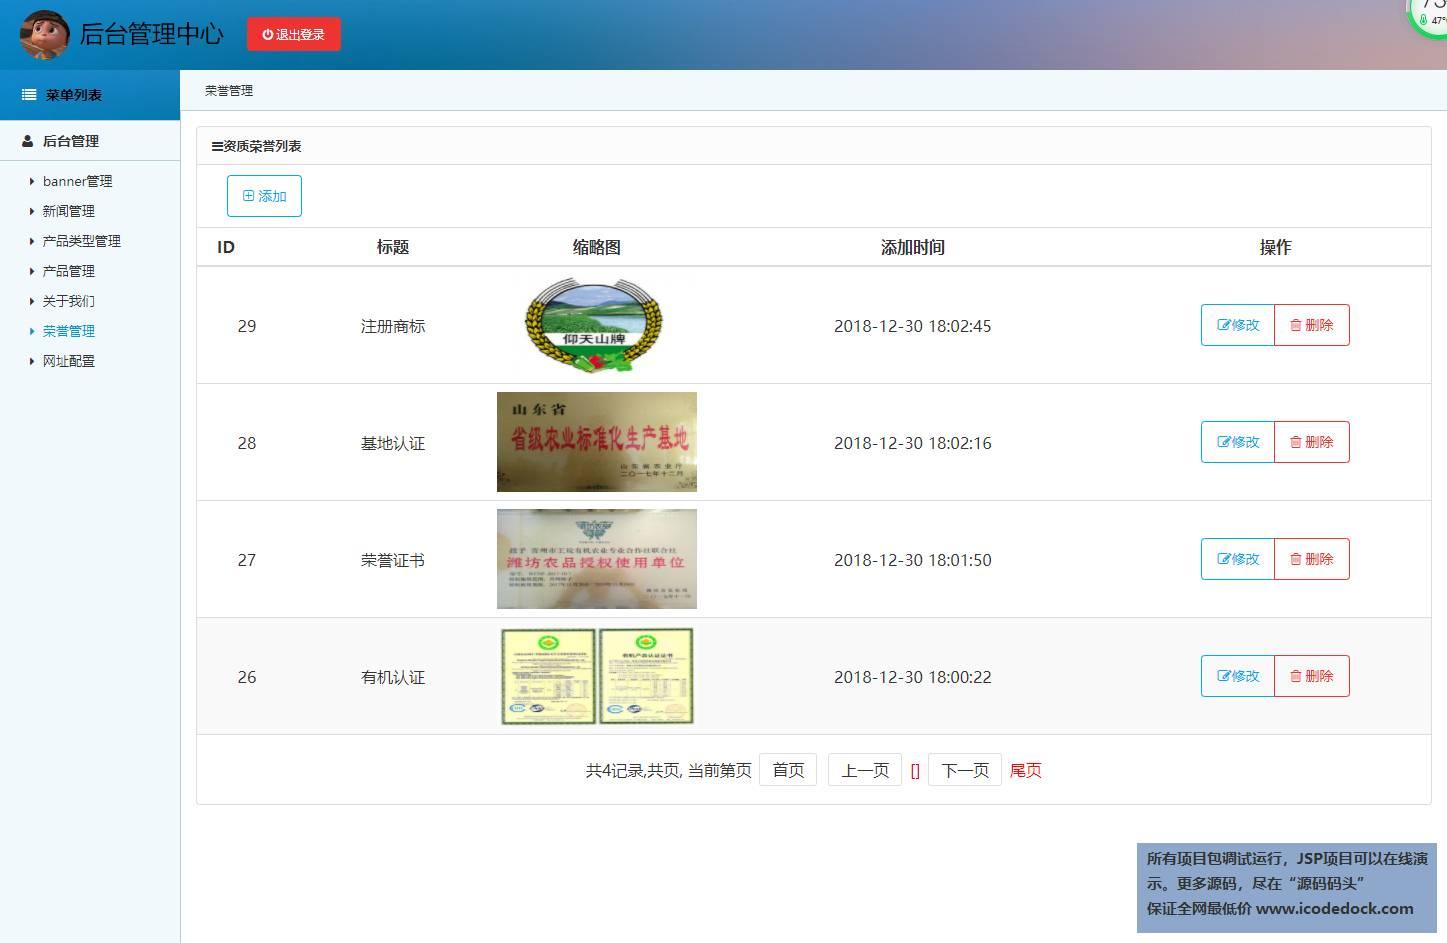 源码码头-SSH在线田园农场网站平台管理系统-管理员角色-荣誉管理